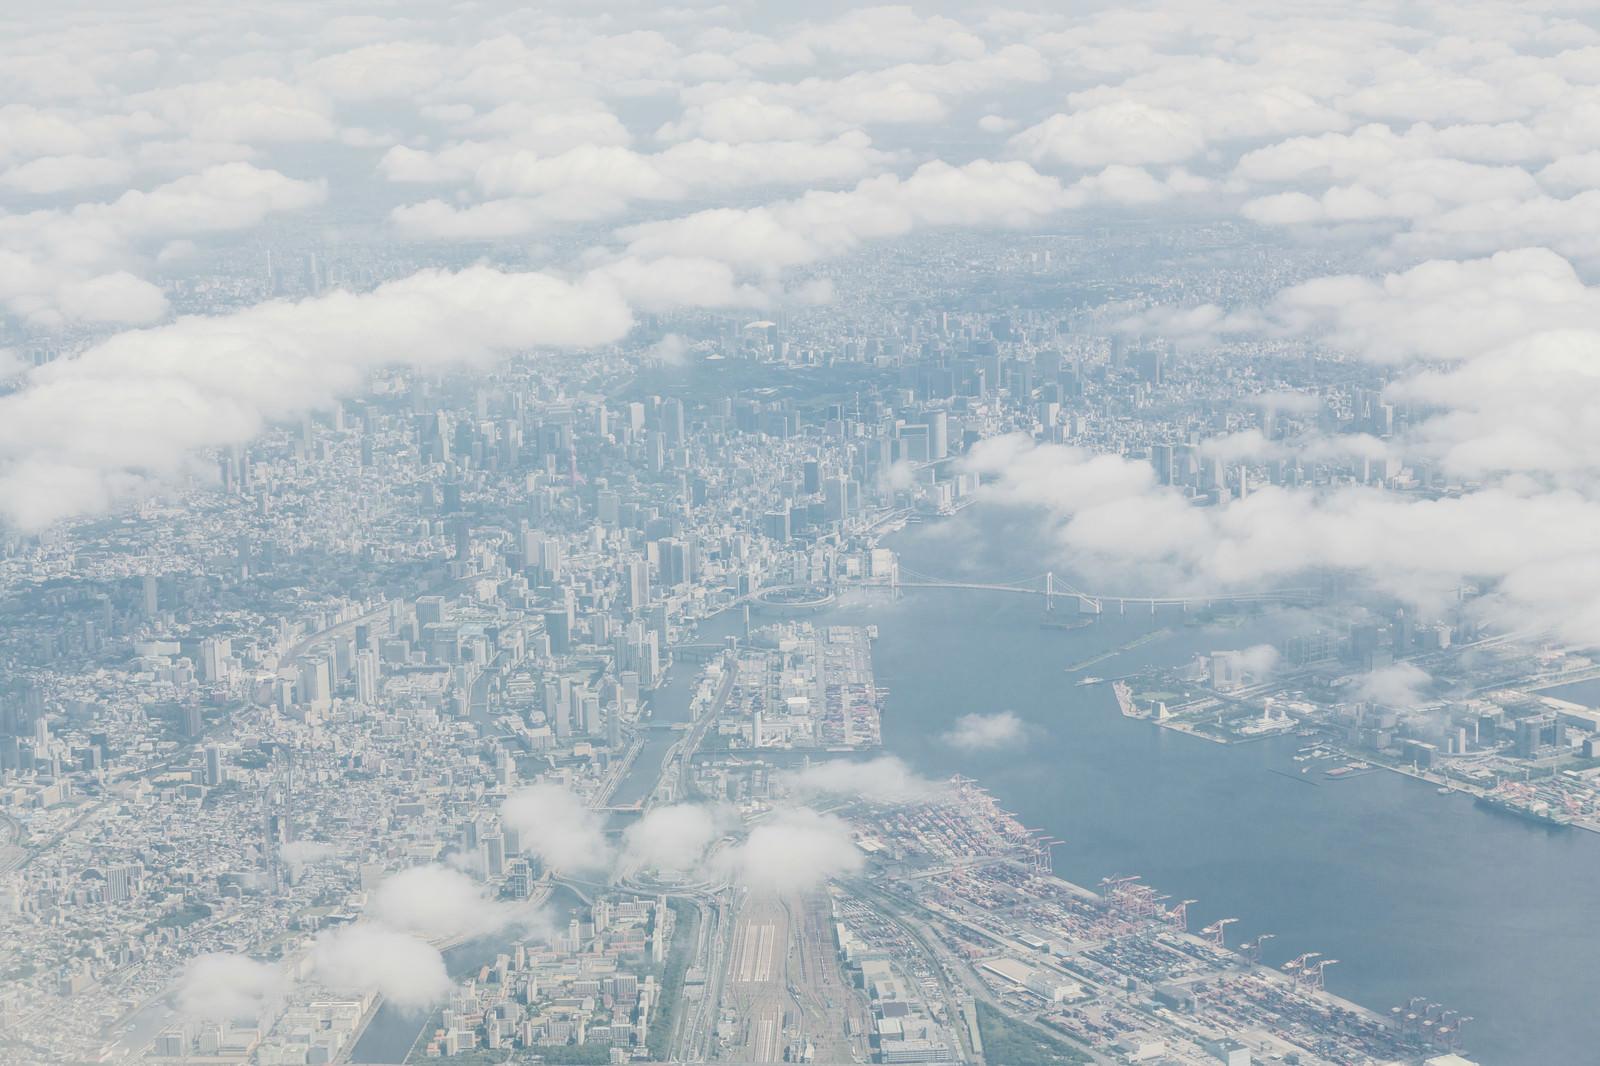 「雲の切れ目から見える東京の高層ビル郡雲の切れ目から見える東京の高層ビル郡」のフリー写真素材を拡大